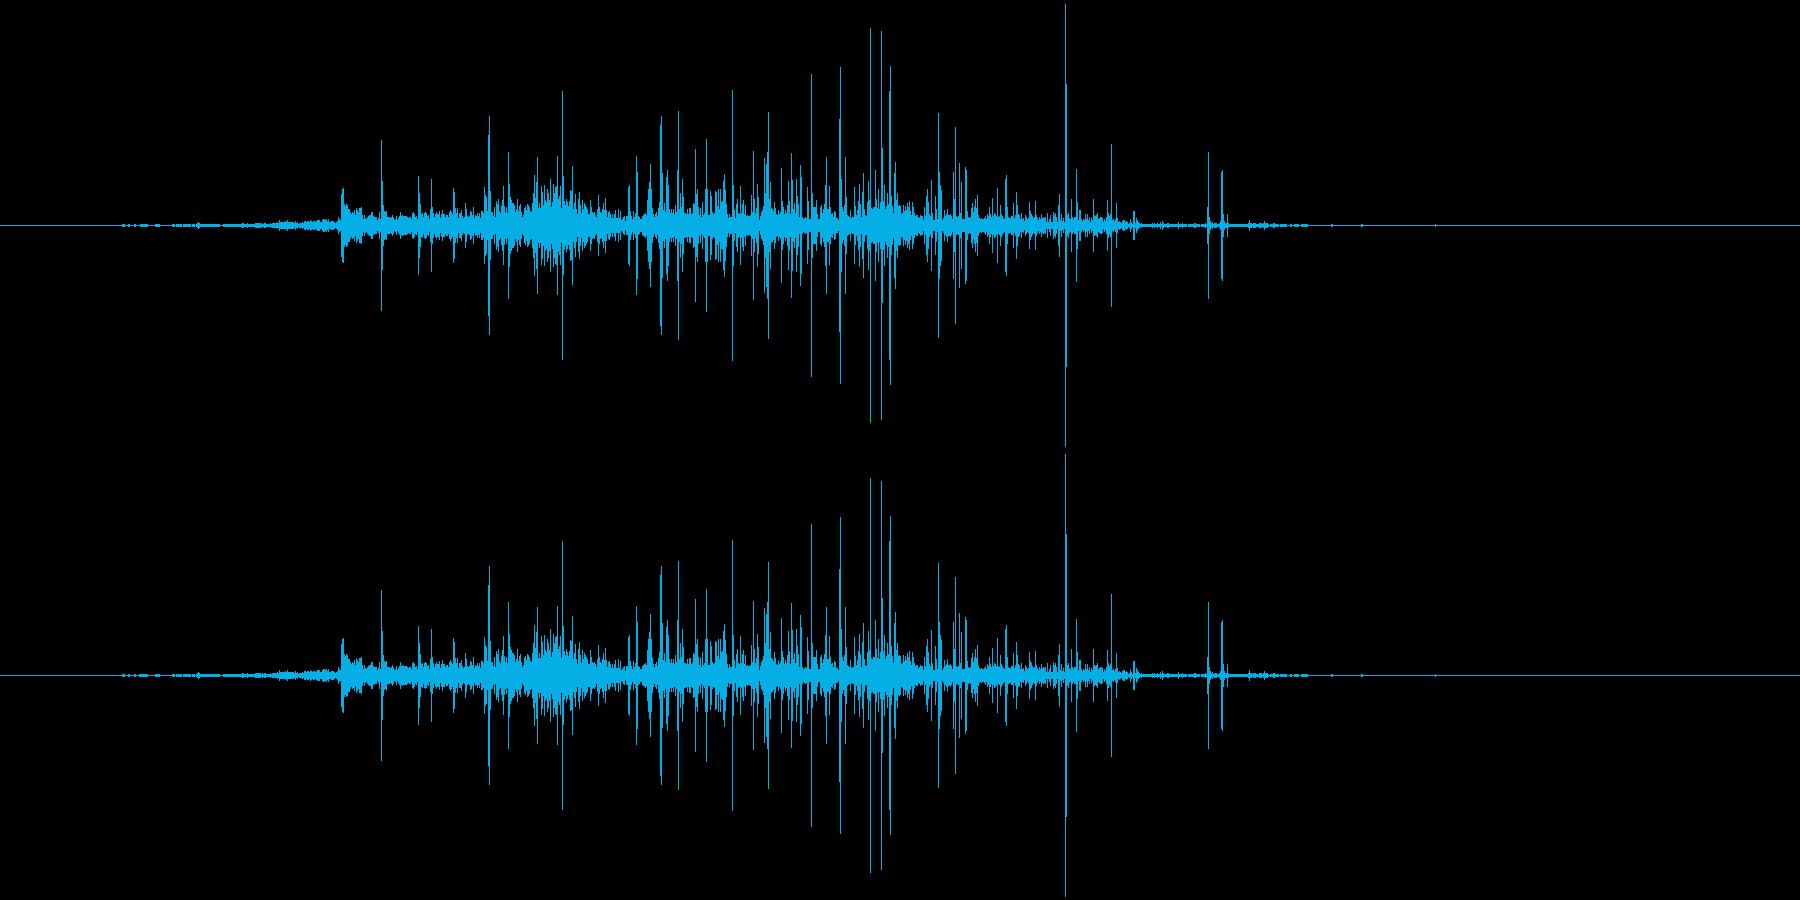 紙をまるめる音(クシャクシャ)の再生済みの波形